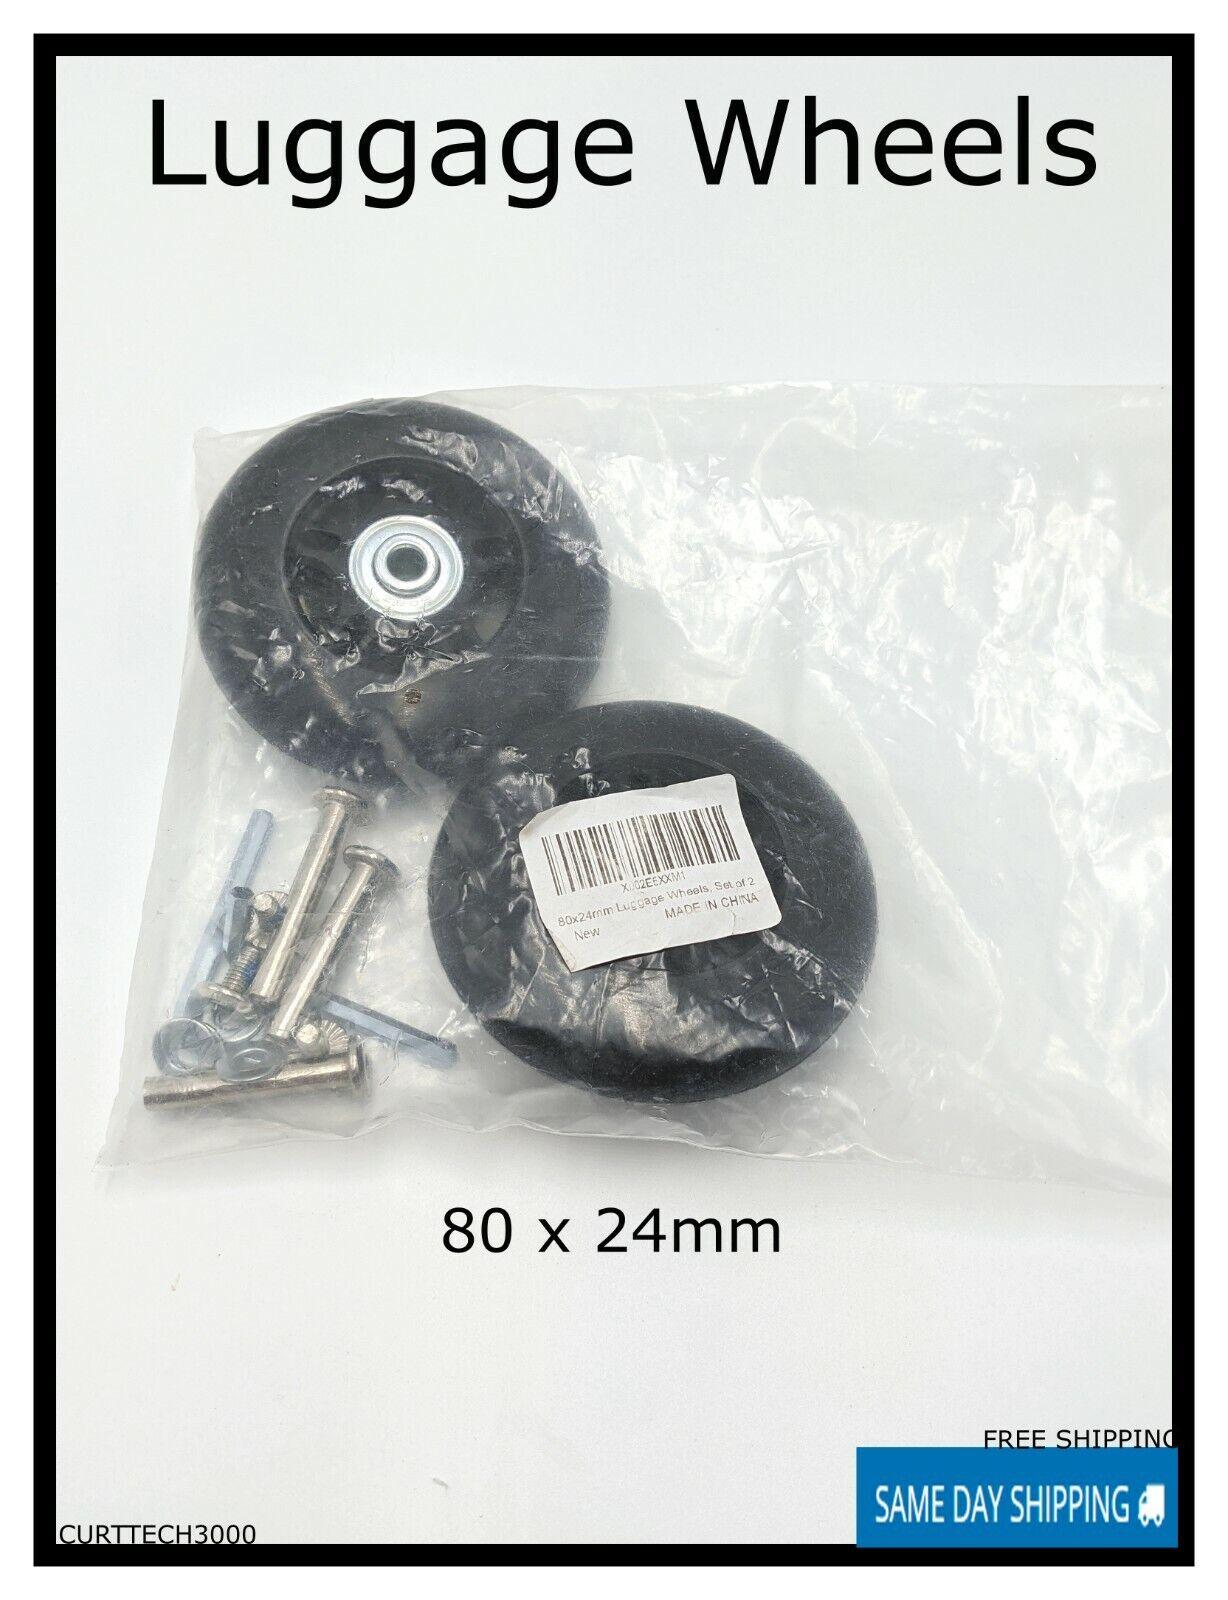 New Luggage Wheels 80 X 24mm  - $5.99